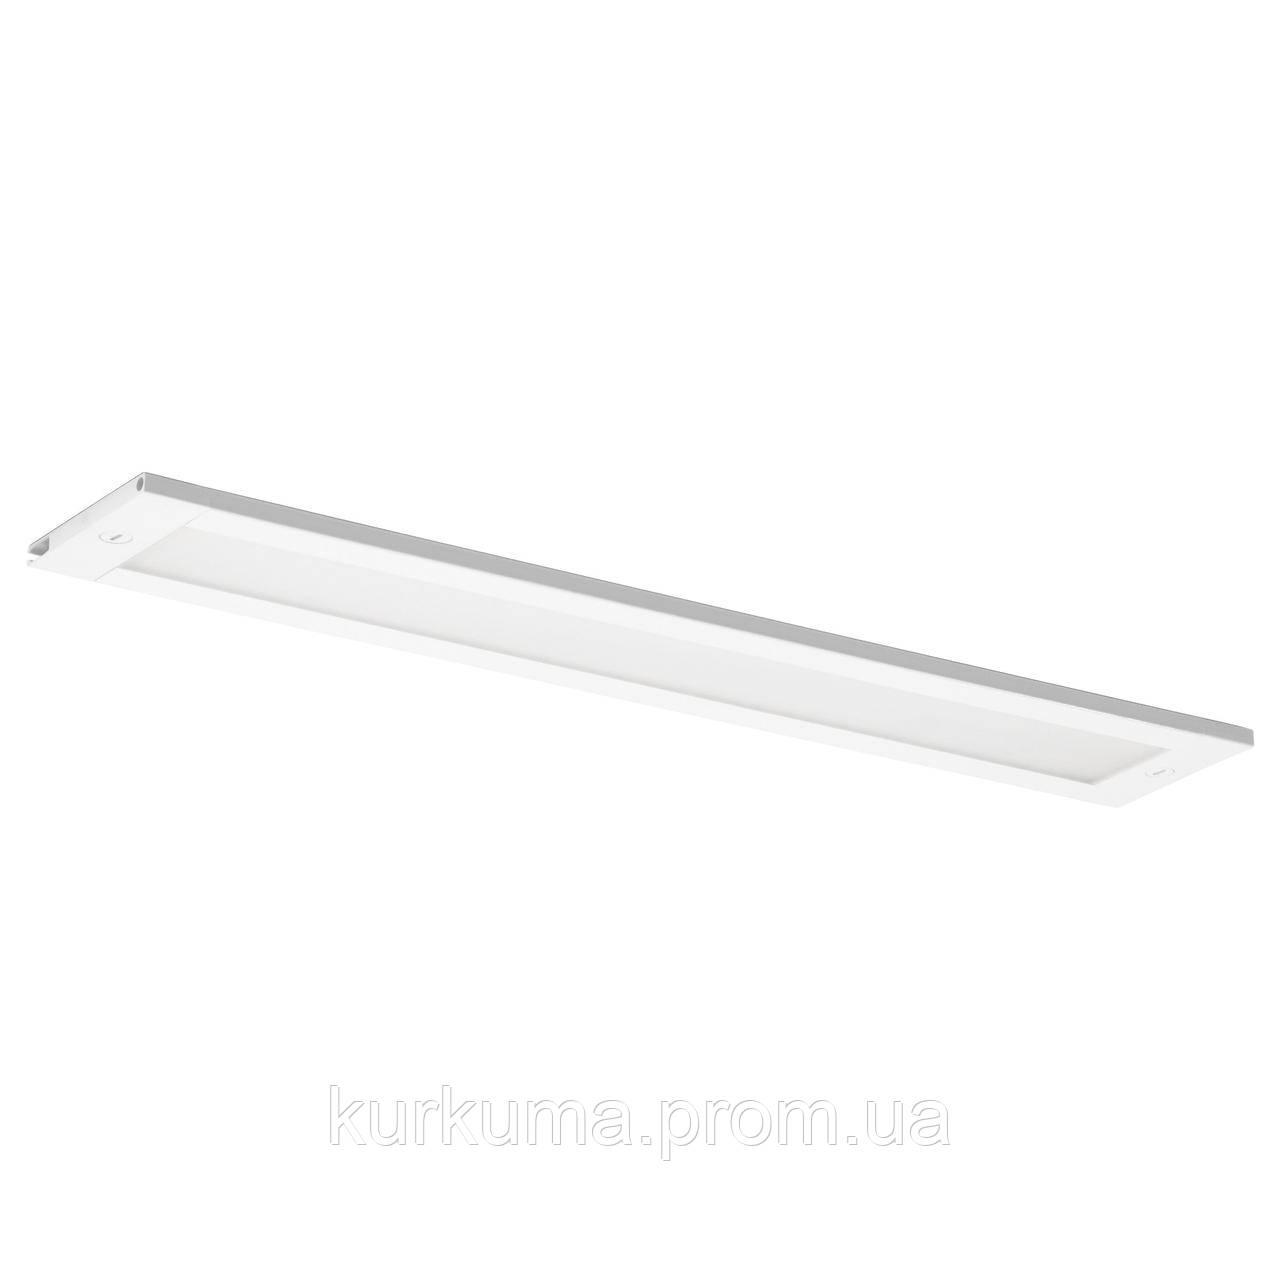 IKEA STROMLINJE Світлодіодне настільне освітлення, білий (803.430.42)